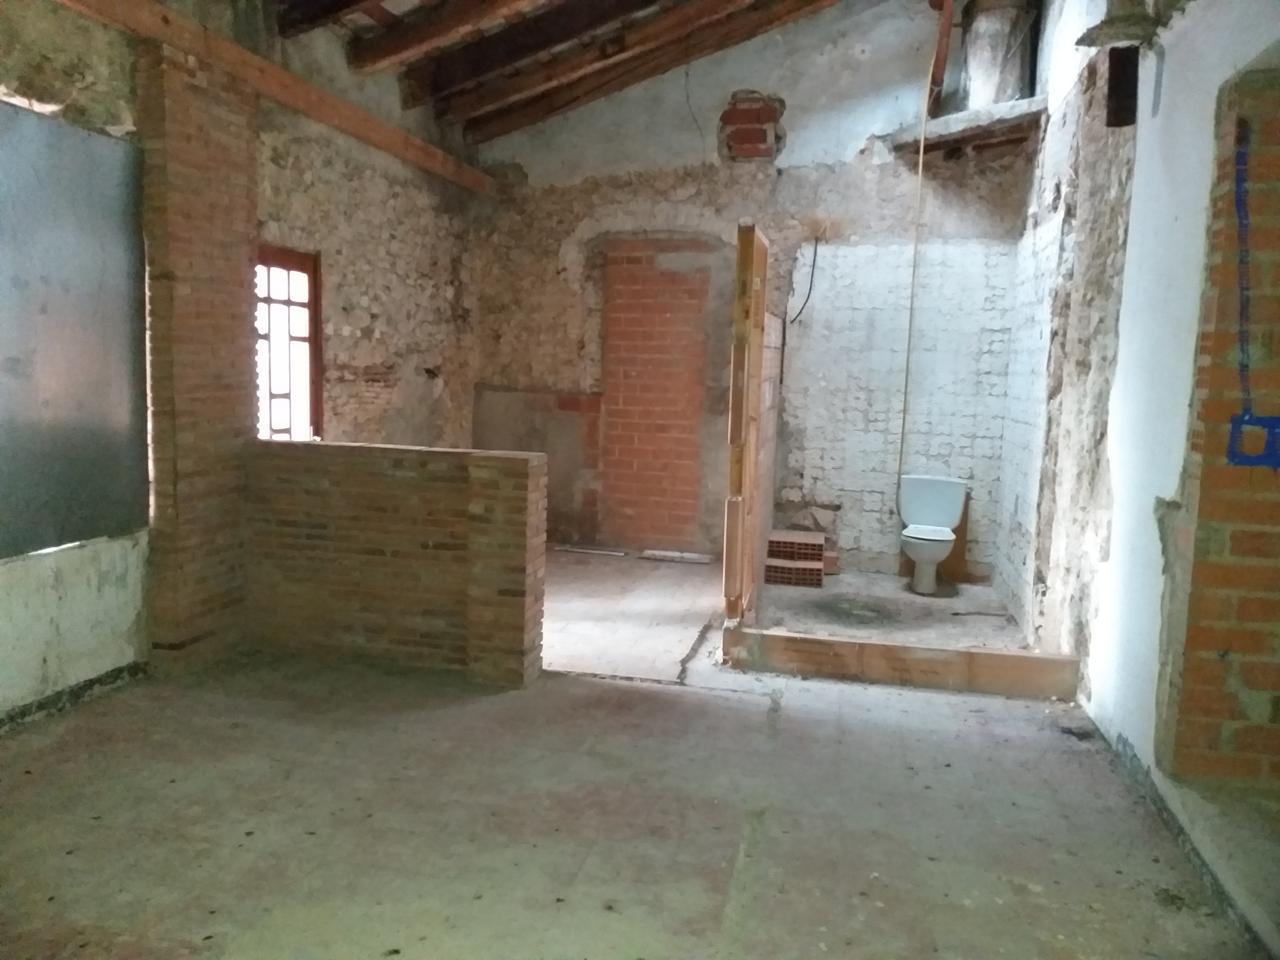 villa en la-roca-del-valles · esglesia-(calle)-08430 152300€